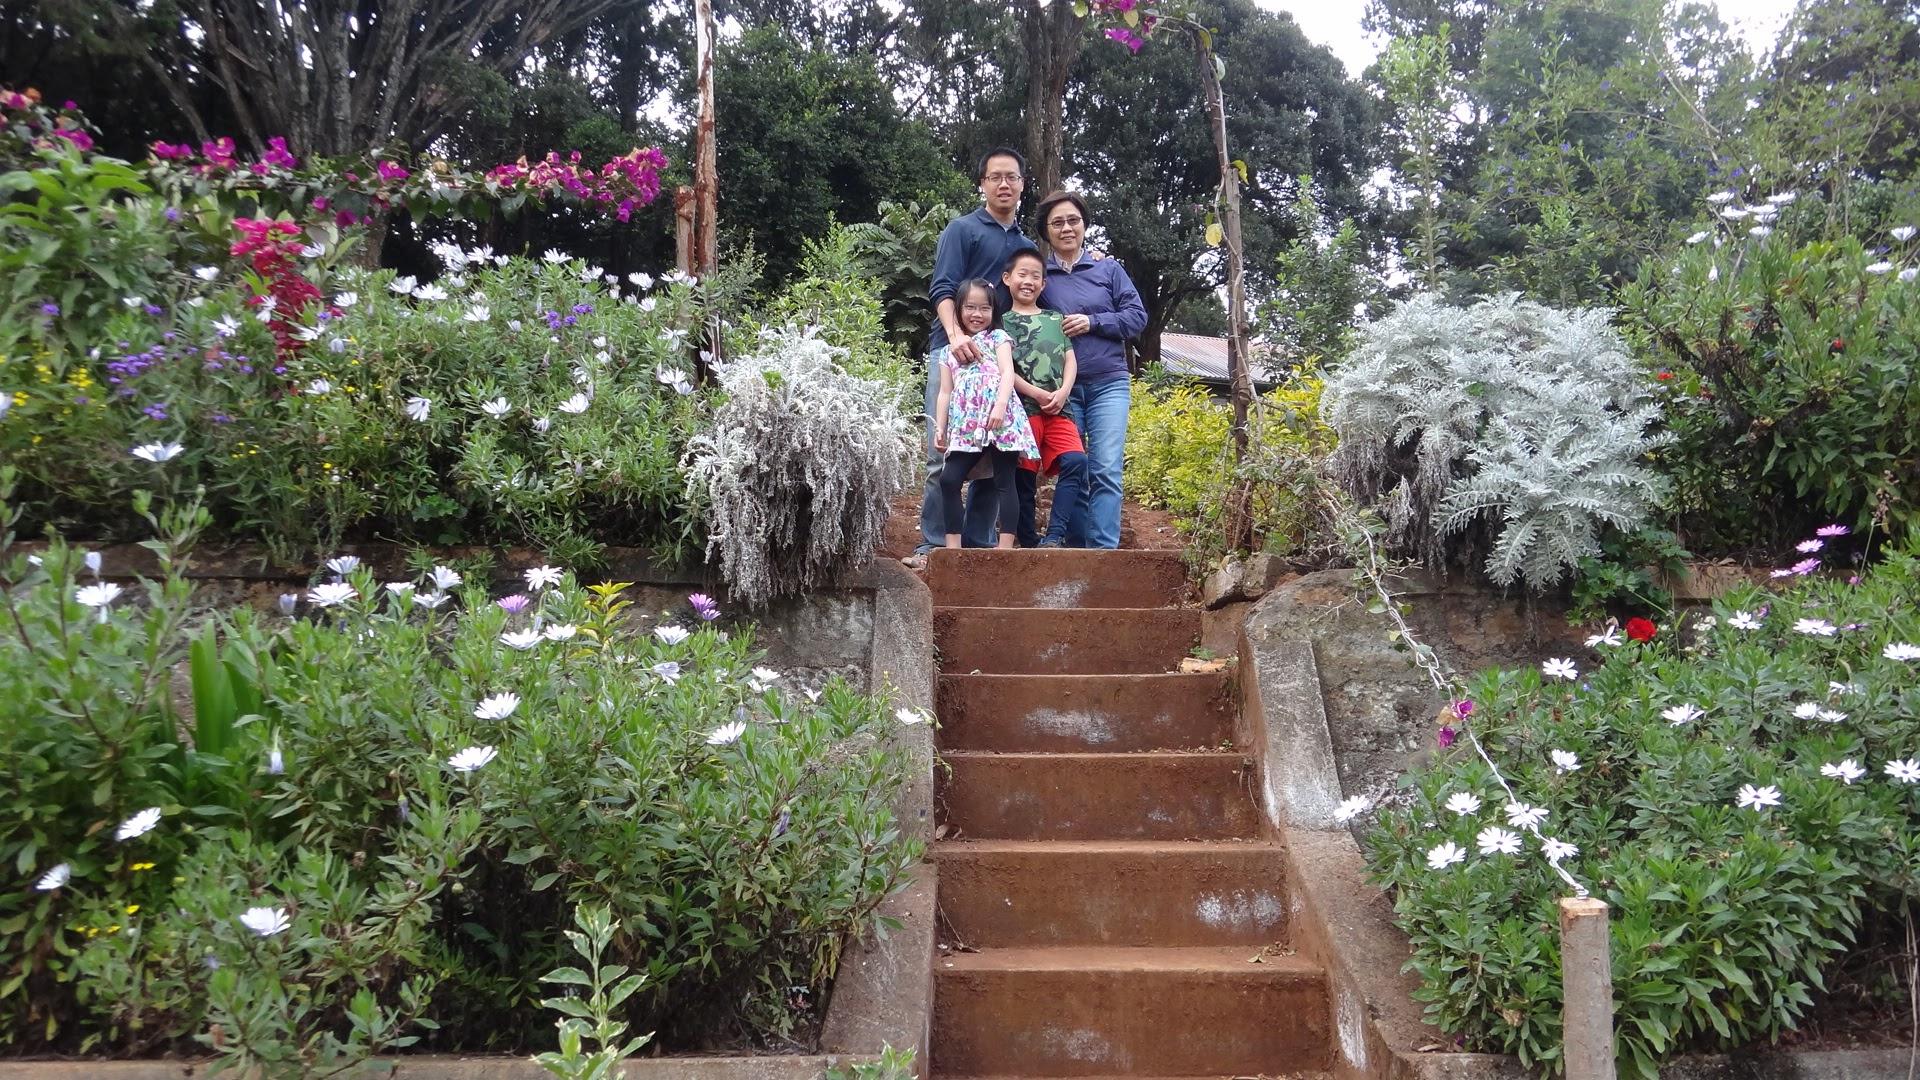 8.4A Neighbor's Garden